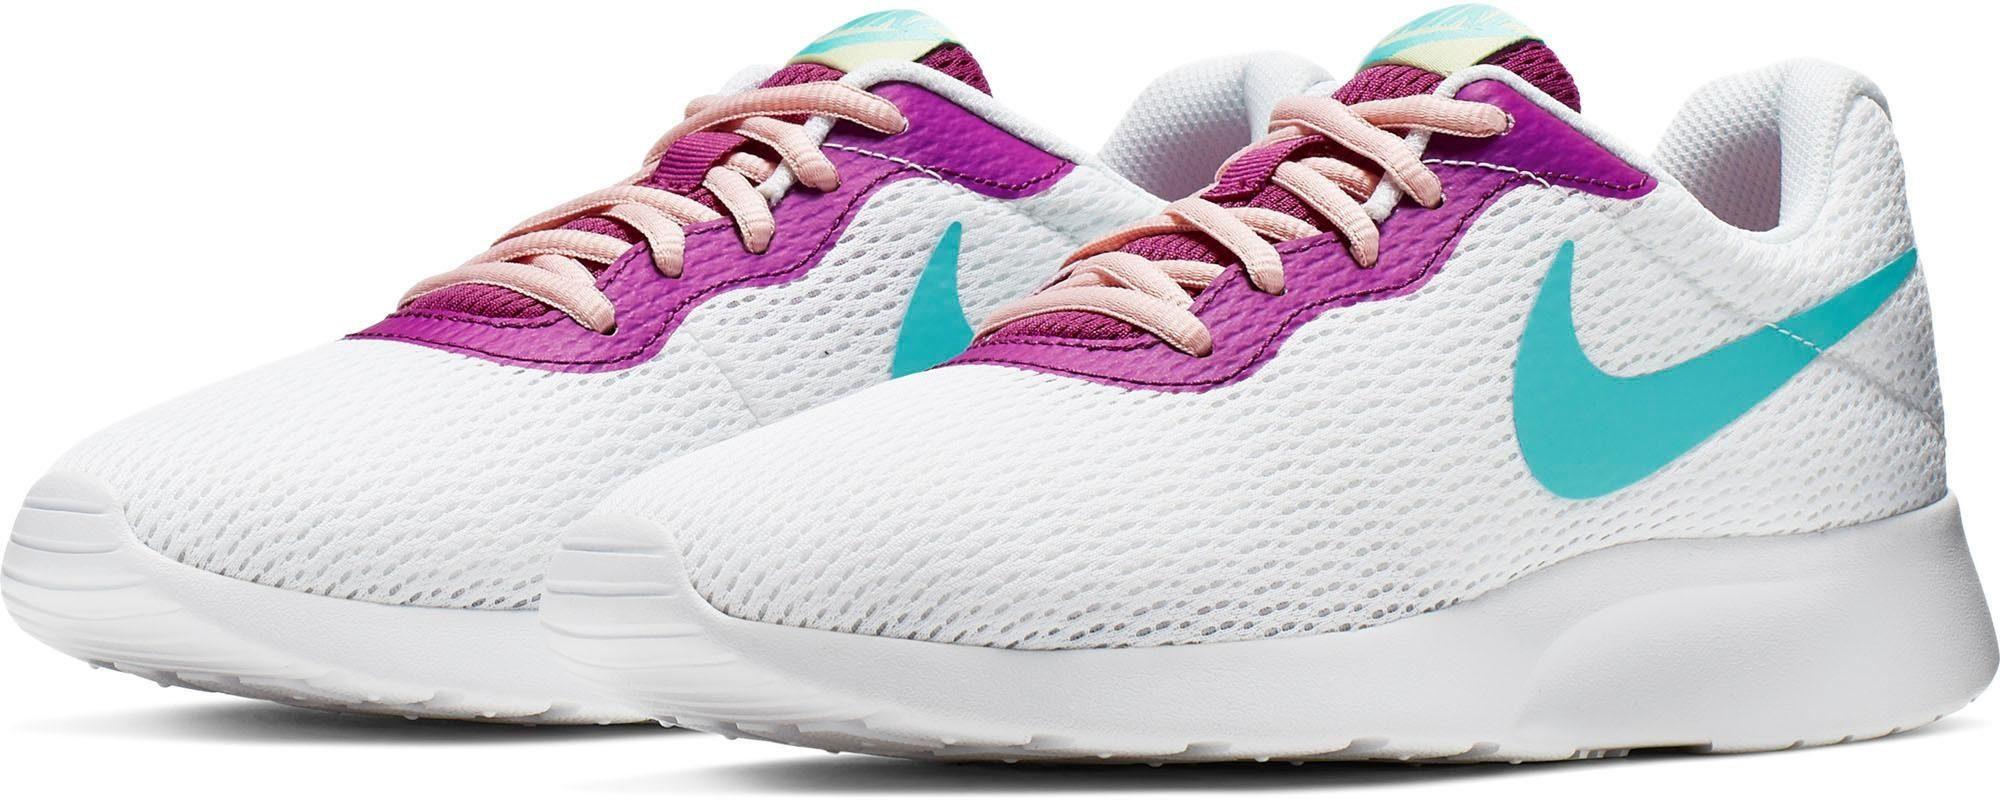 Nike Sportswear »Tanjun Wmns« Sneaker, Modischer Sneaker von Nike Sportswear online kaufen | OTTO